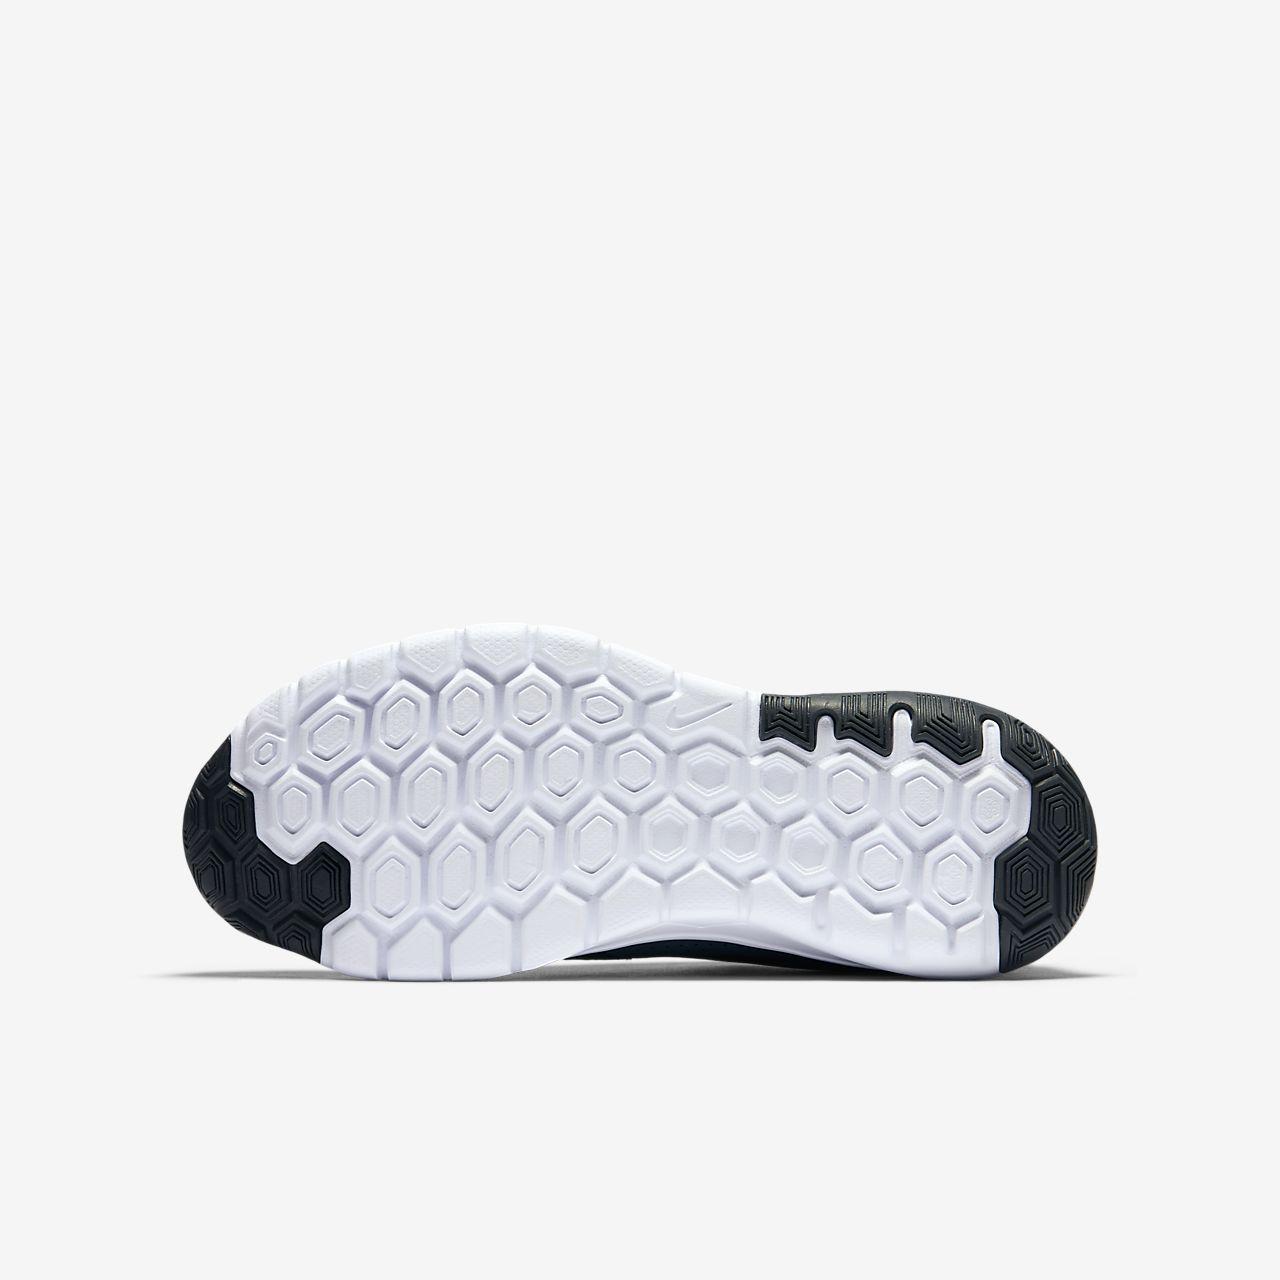 premium selection 8d333 3be82 ... Chaussure de running Nike Flex Experience 5 pour Enfant plus âgé